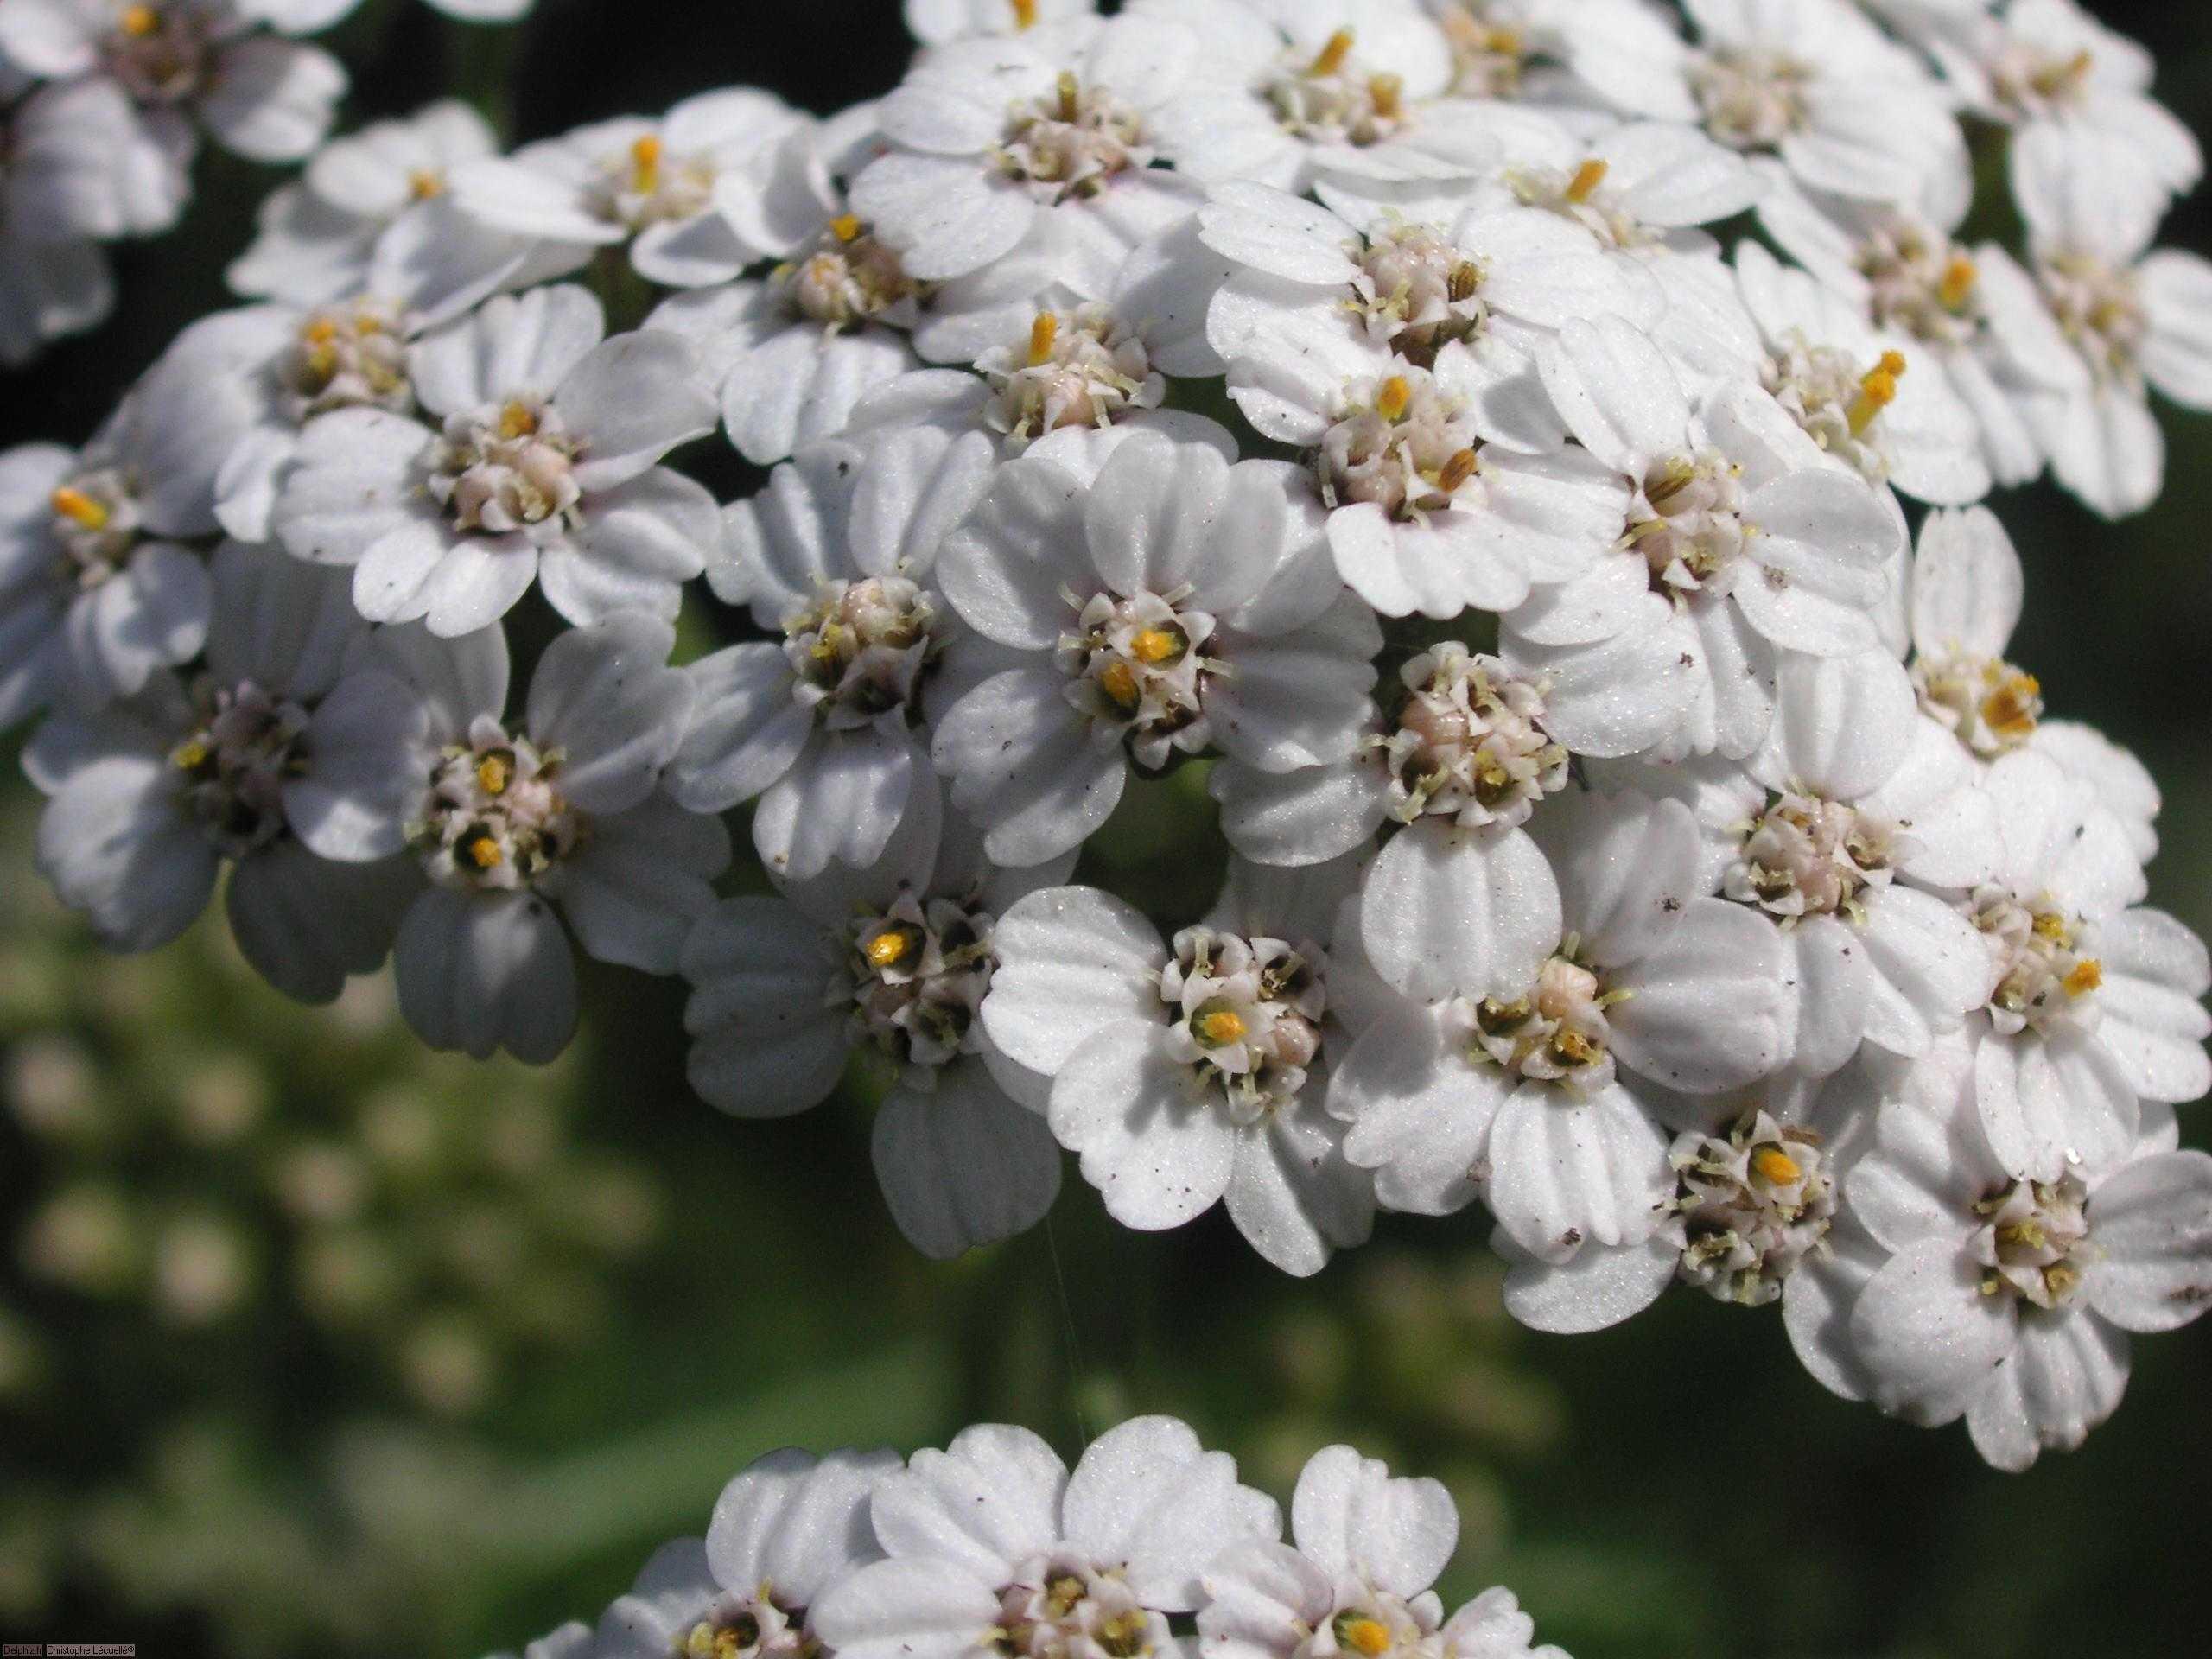 Liste Des Fleurs Blanches Fleur Des Champs Jaune Vap Vap